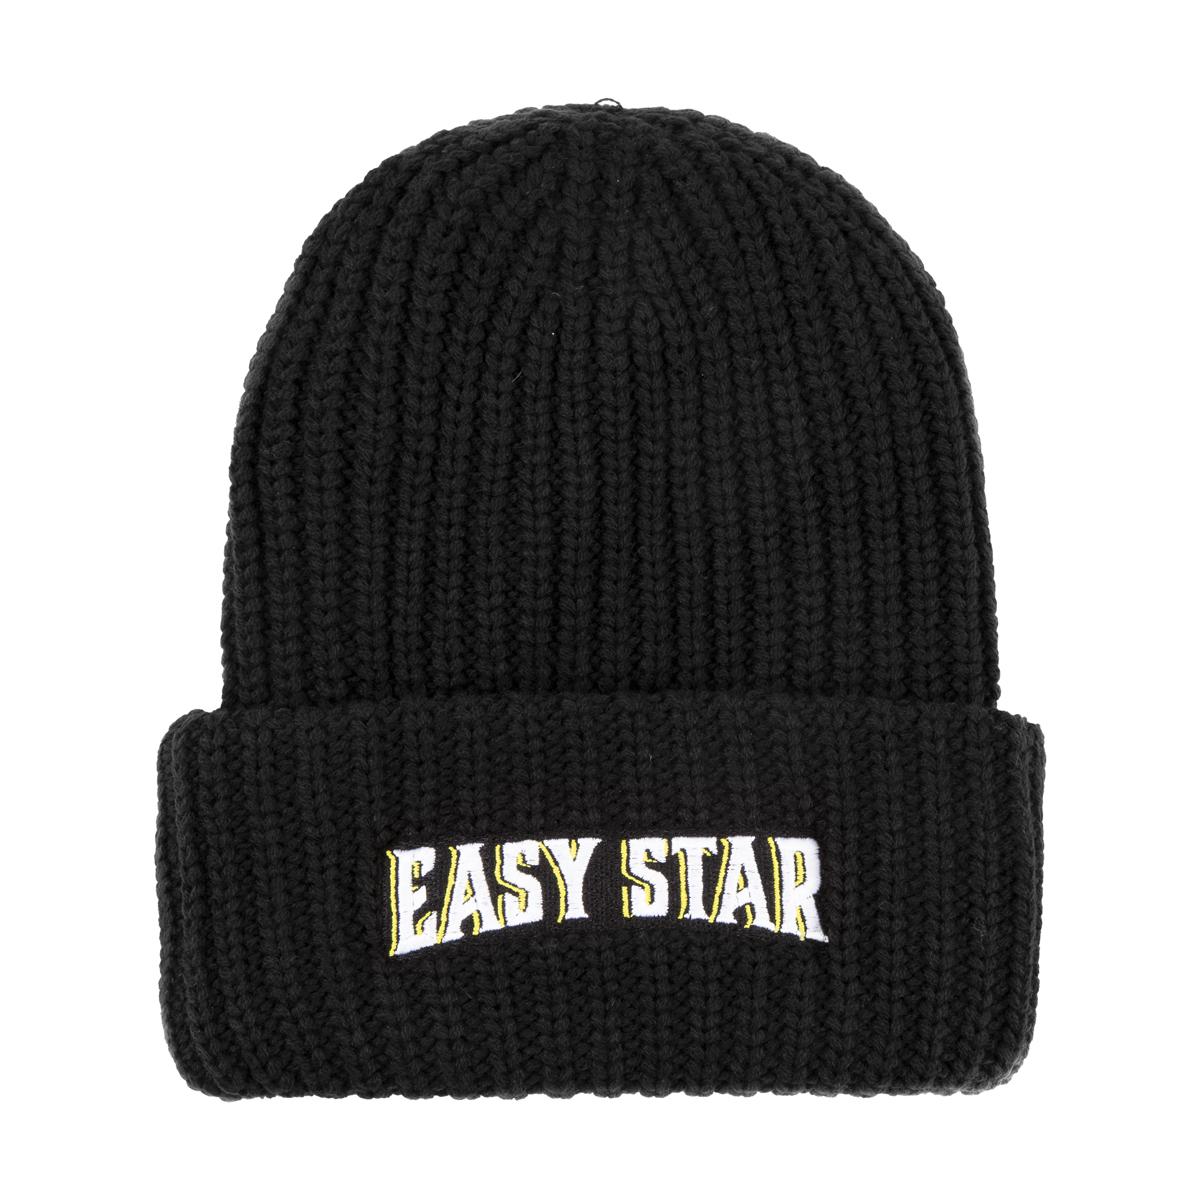 Easy Star Beanie